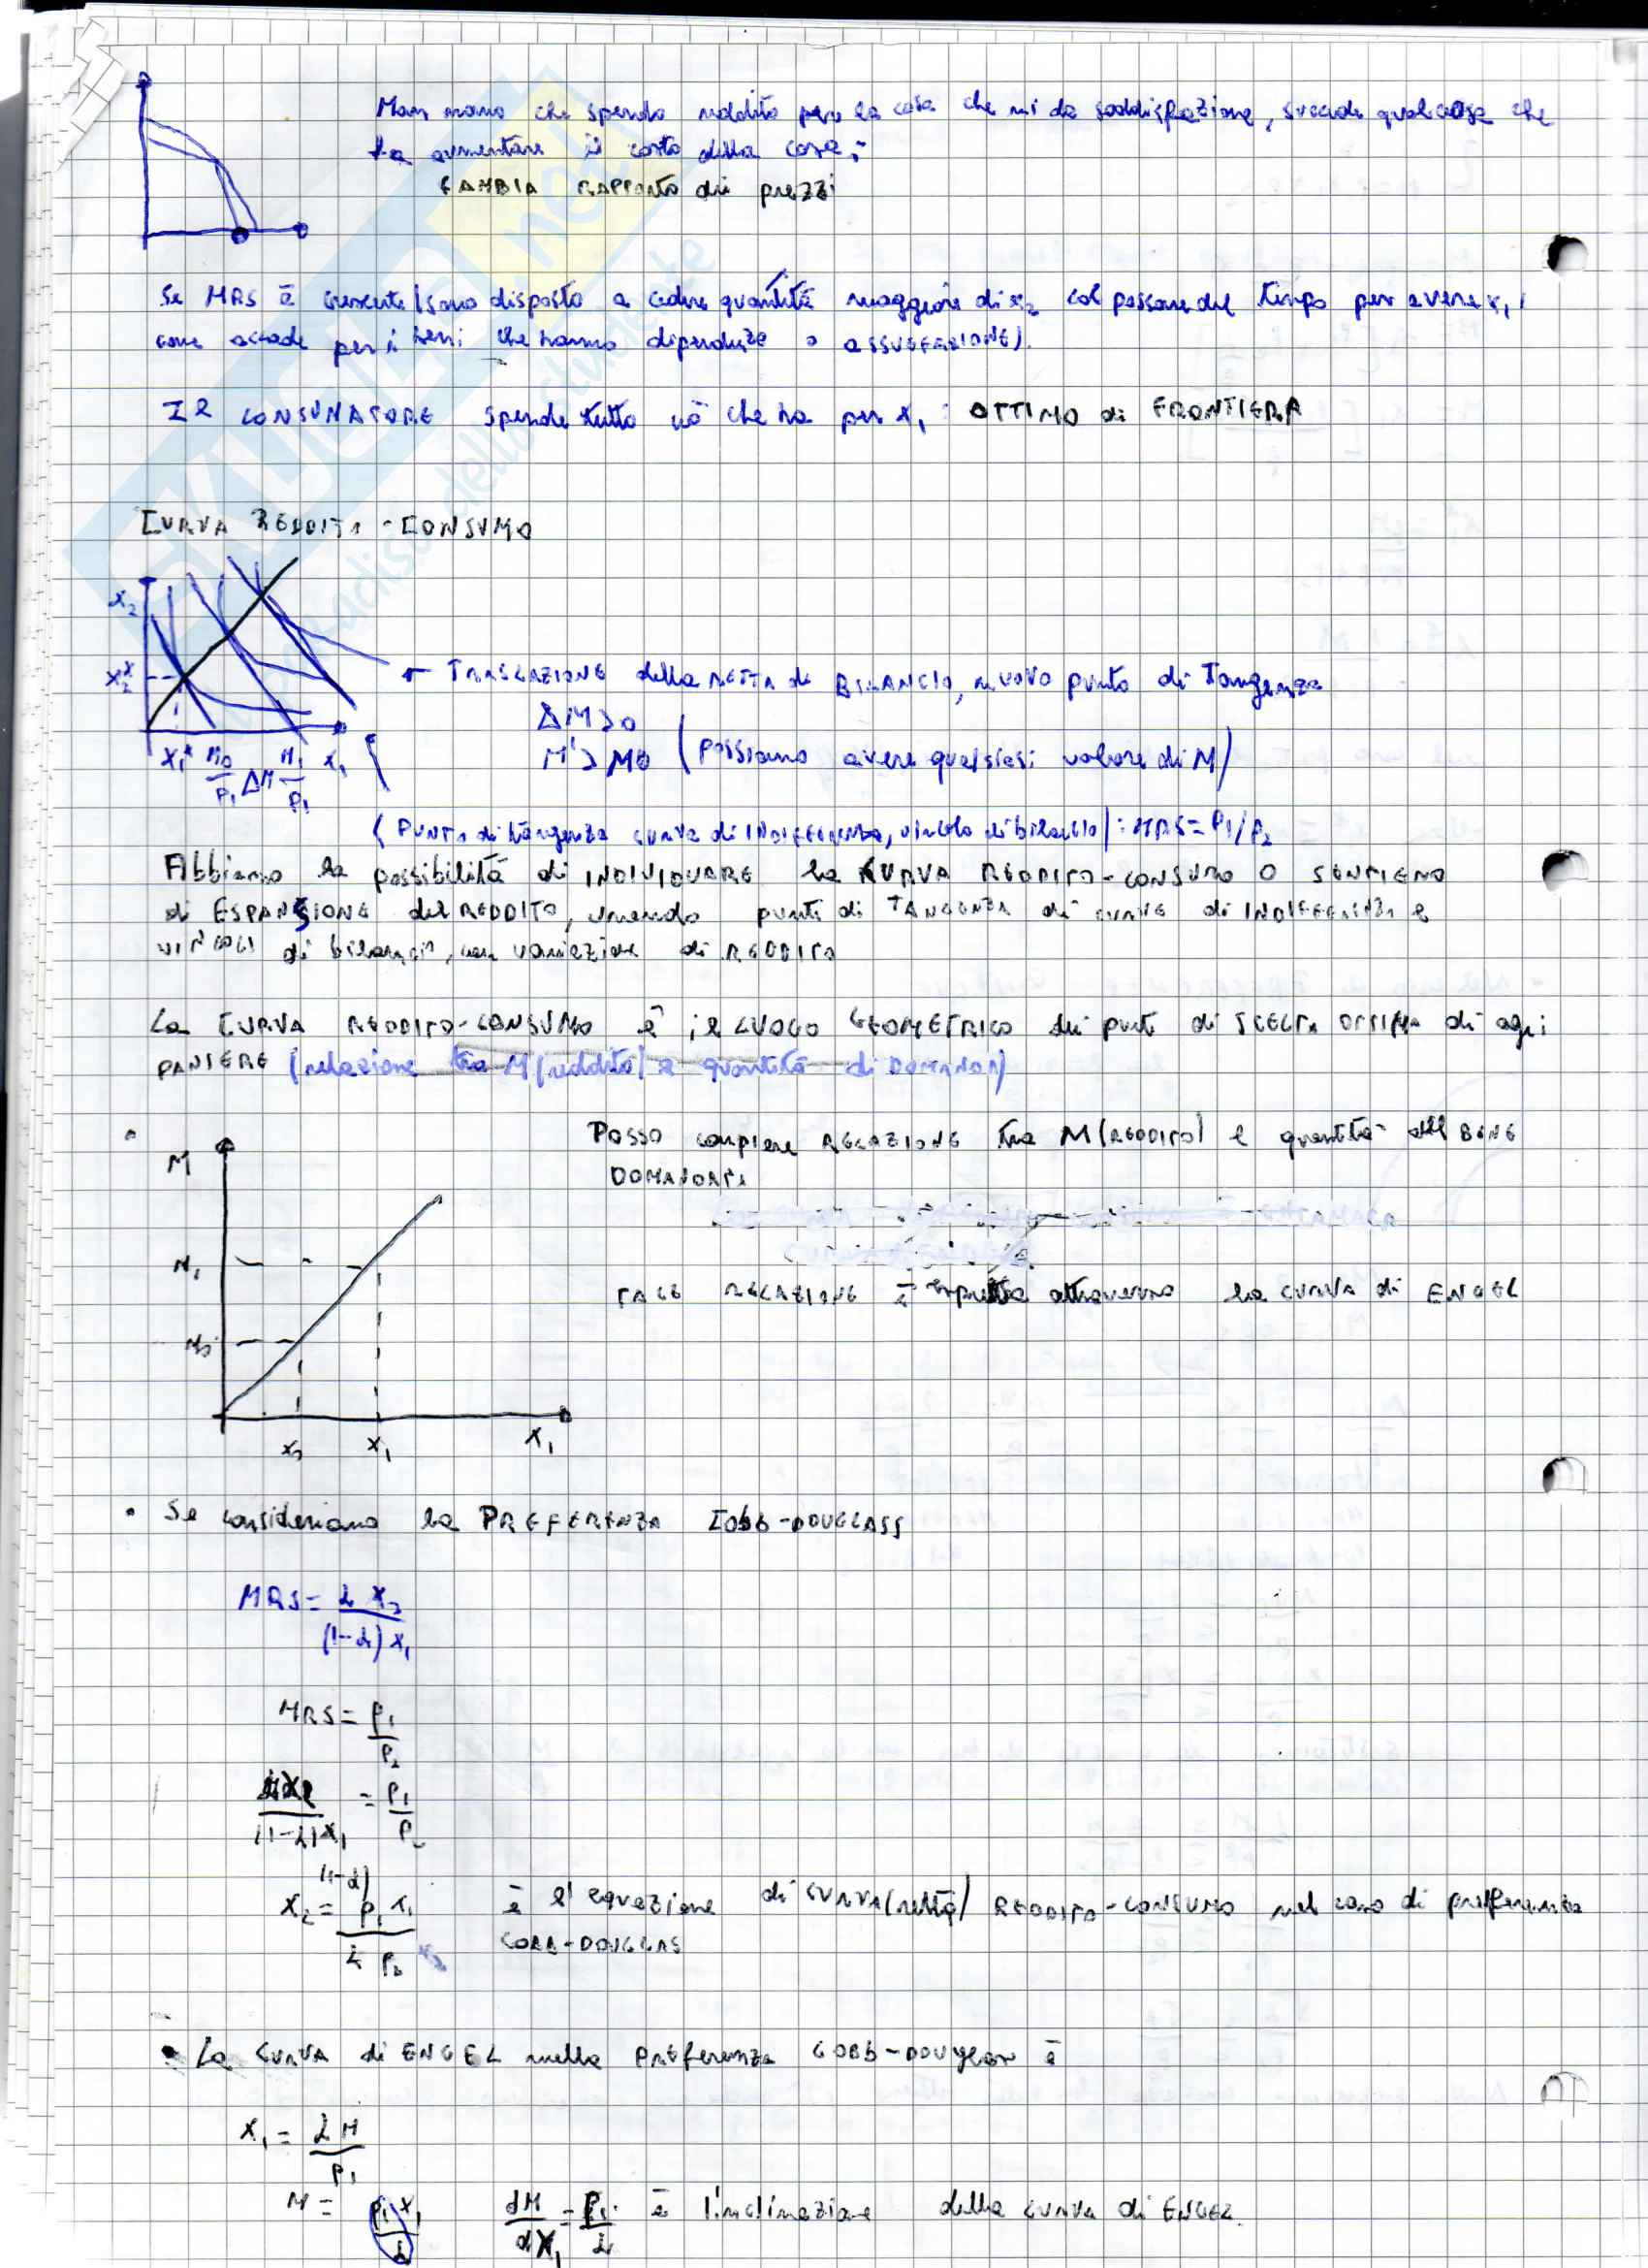 Appunti di Teoria del Consumatore per l'esame di Microeconomia, prof. Martina Pag. 36